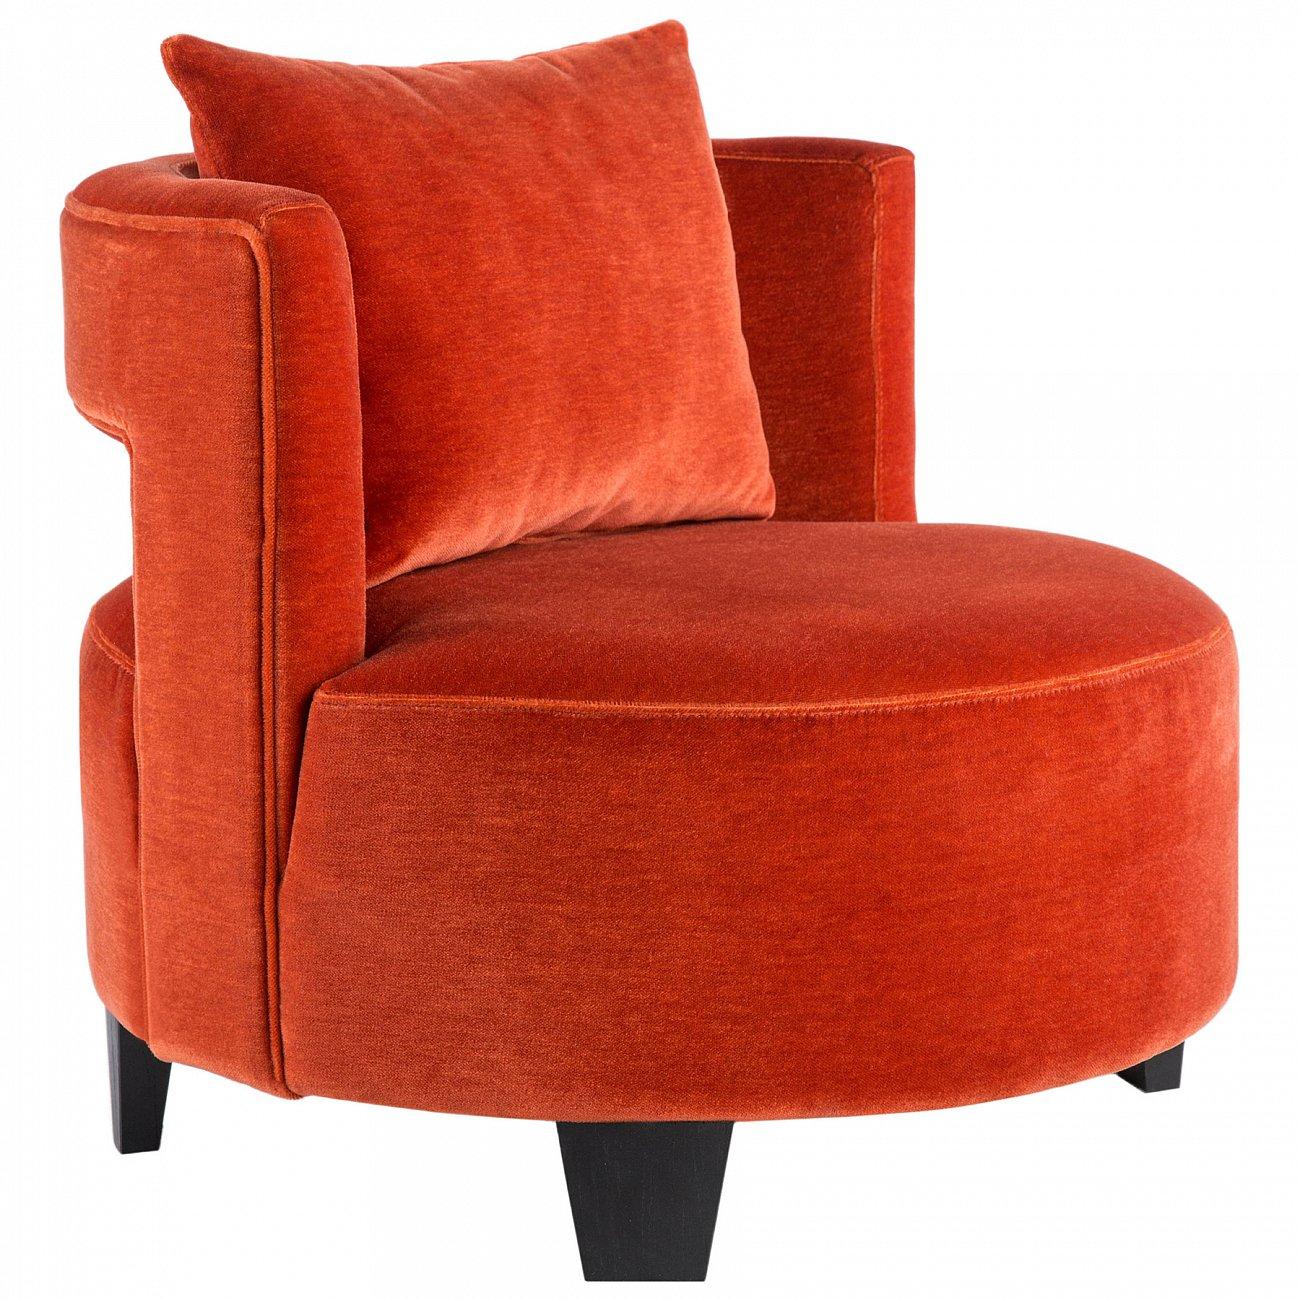 Купить Кресло Korin в интернет магазине дизайнерской мебели и аксессуаров для дома и дачи